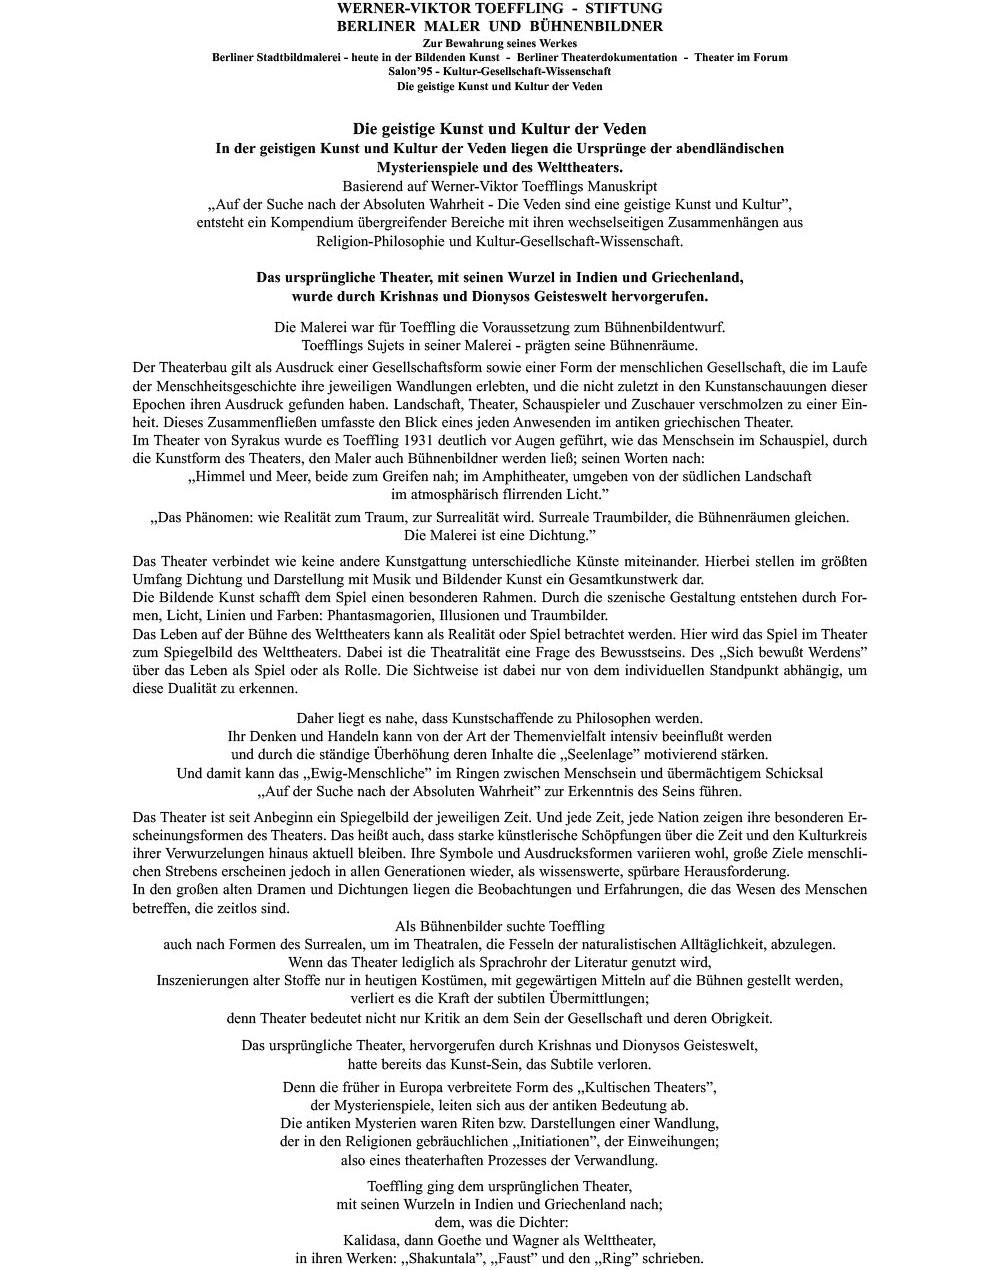 04-geistige-kunst-und-kultur-der-veden-2